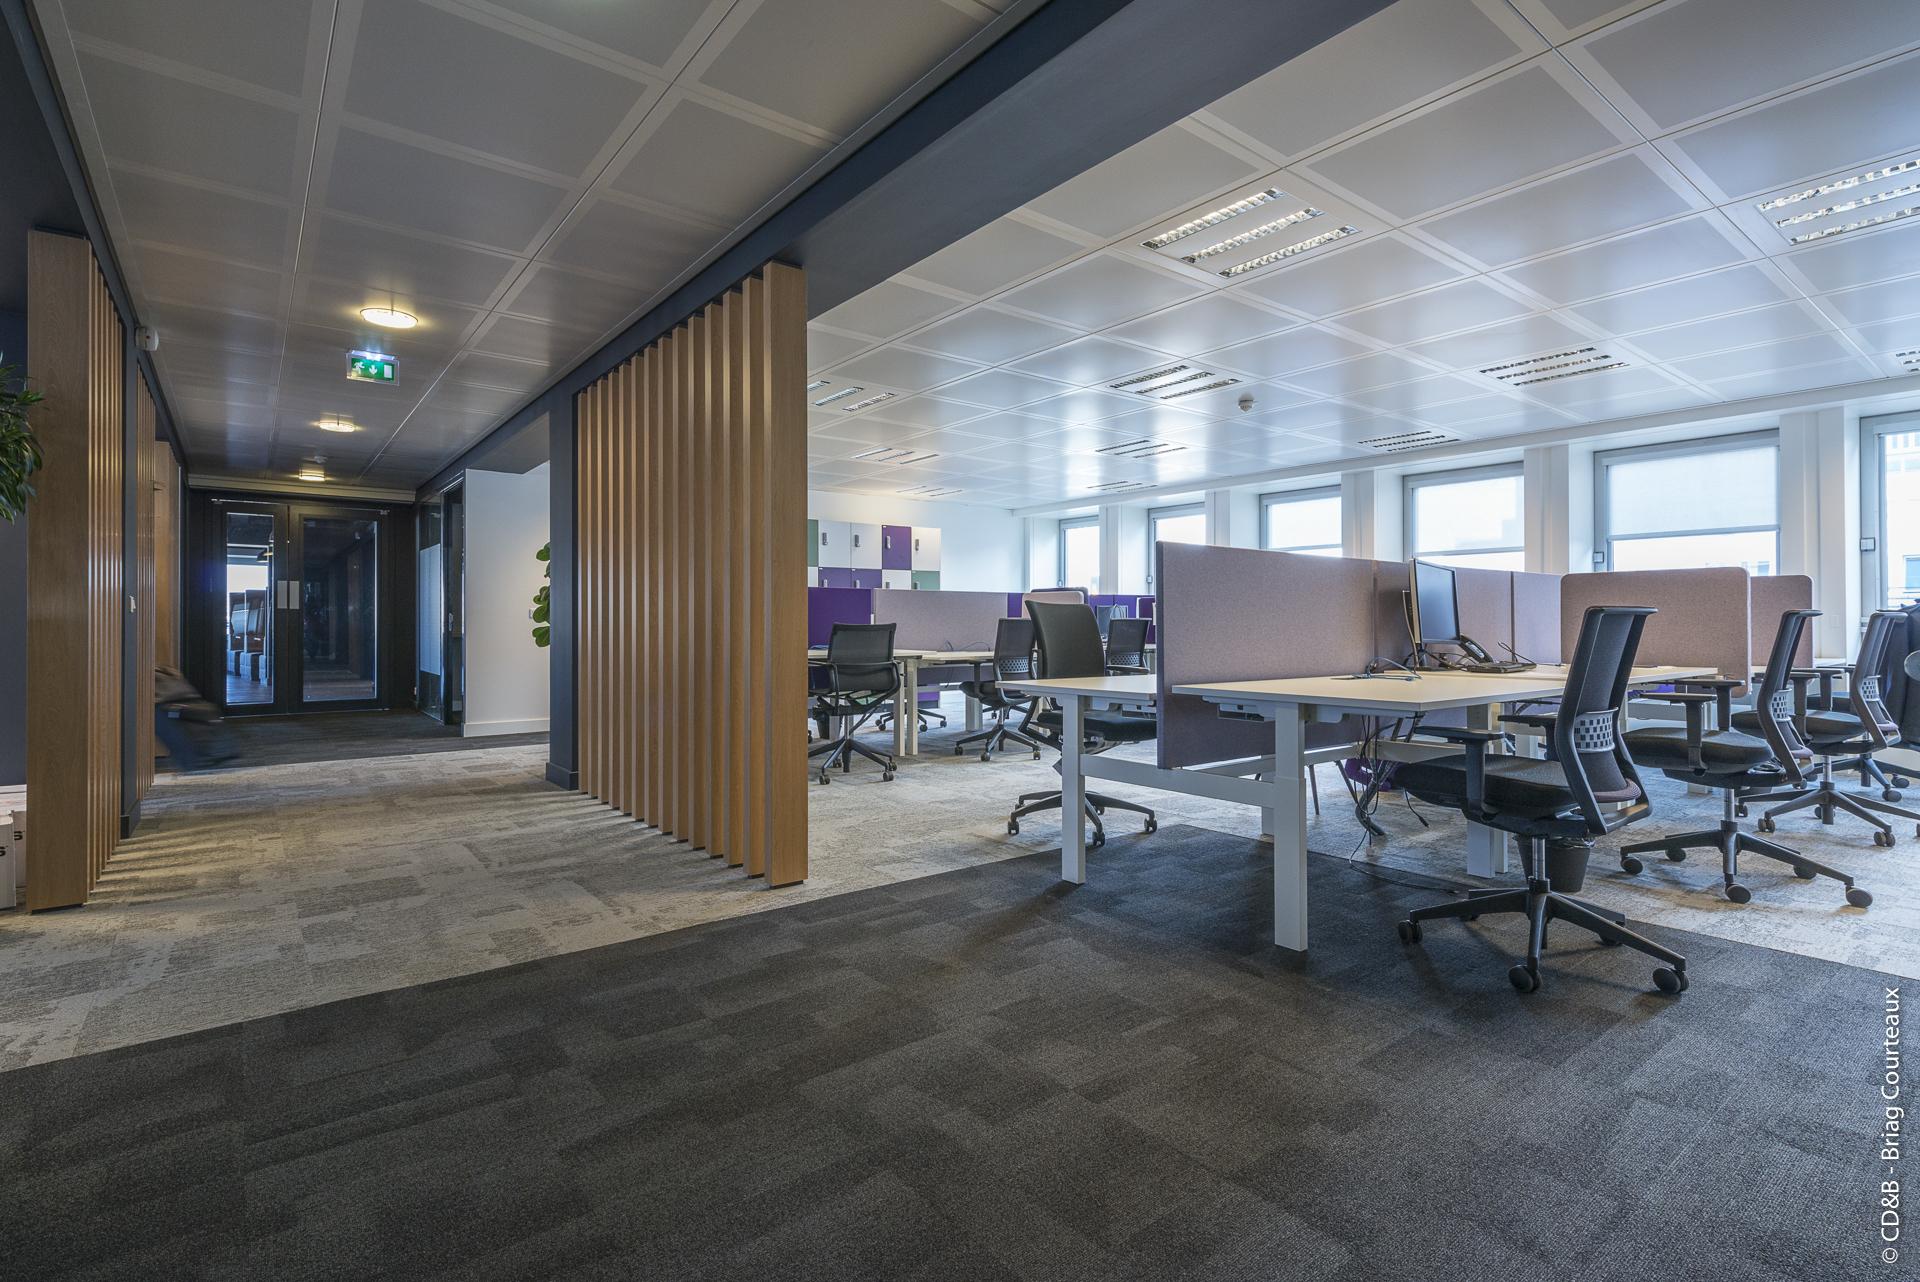 Conseil, aménagement, conception et réalisation des espaces de travail chez COGNIZANT par CDB, Meet you there.